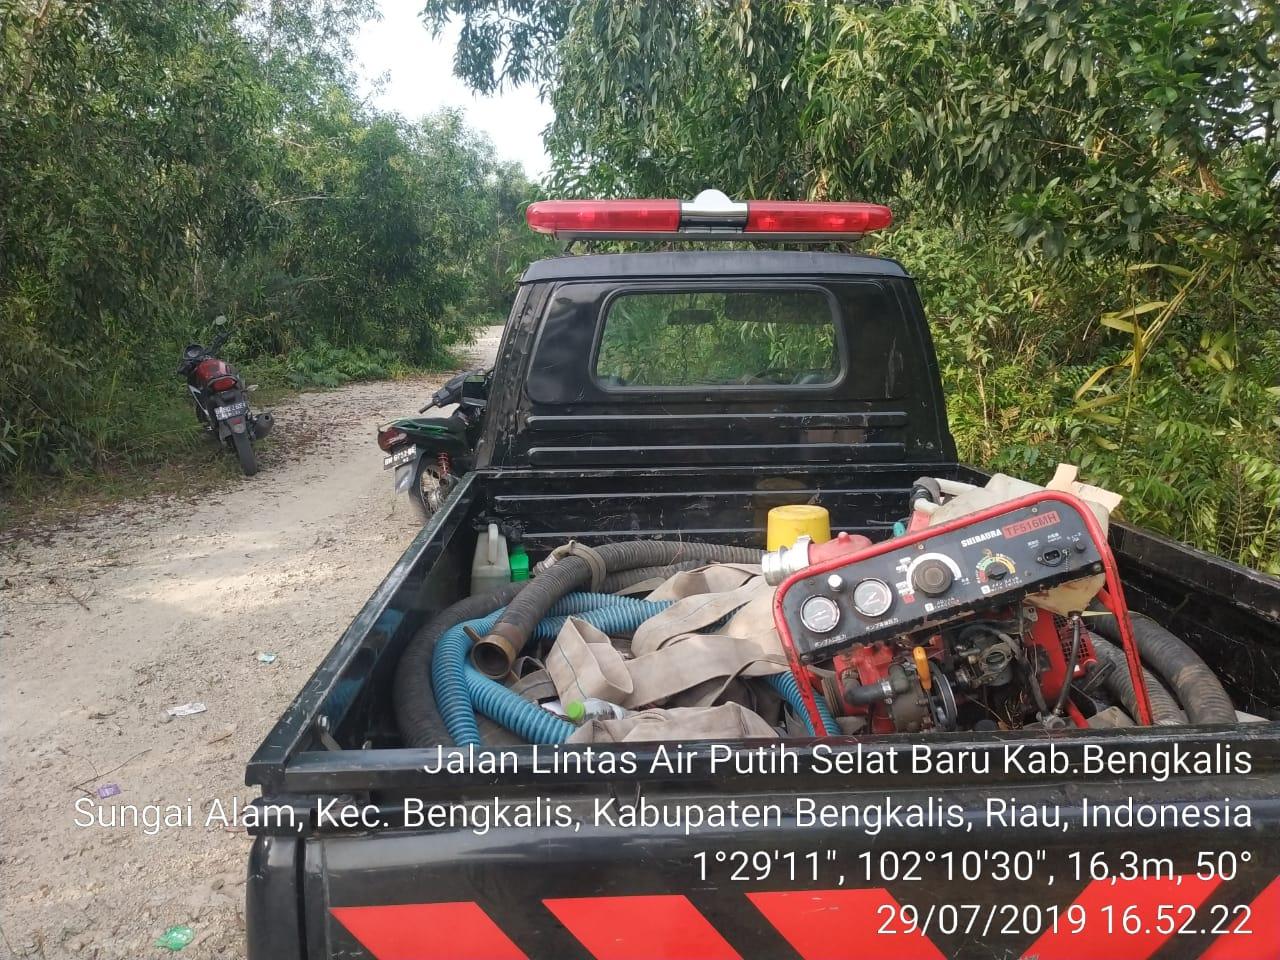 Kebakaran Hutan Dan Lahan Terjadi di Desa Pasiran Bengkalis